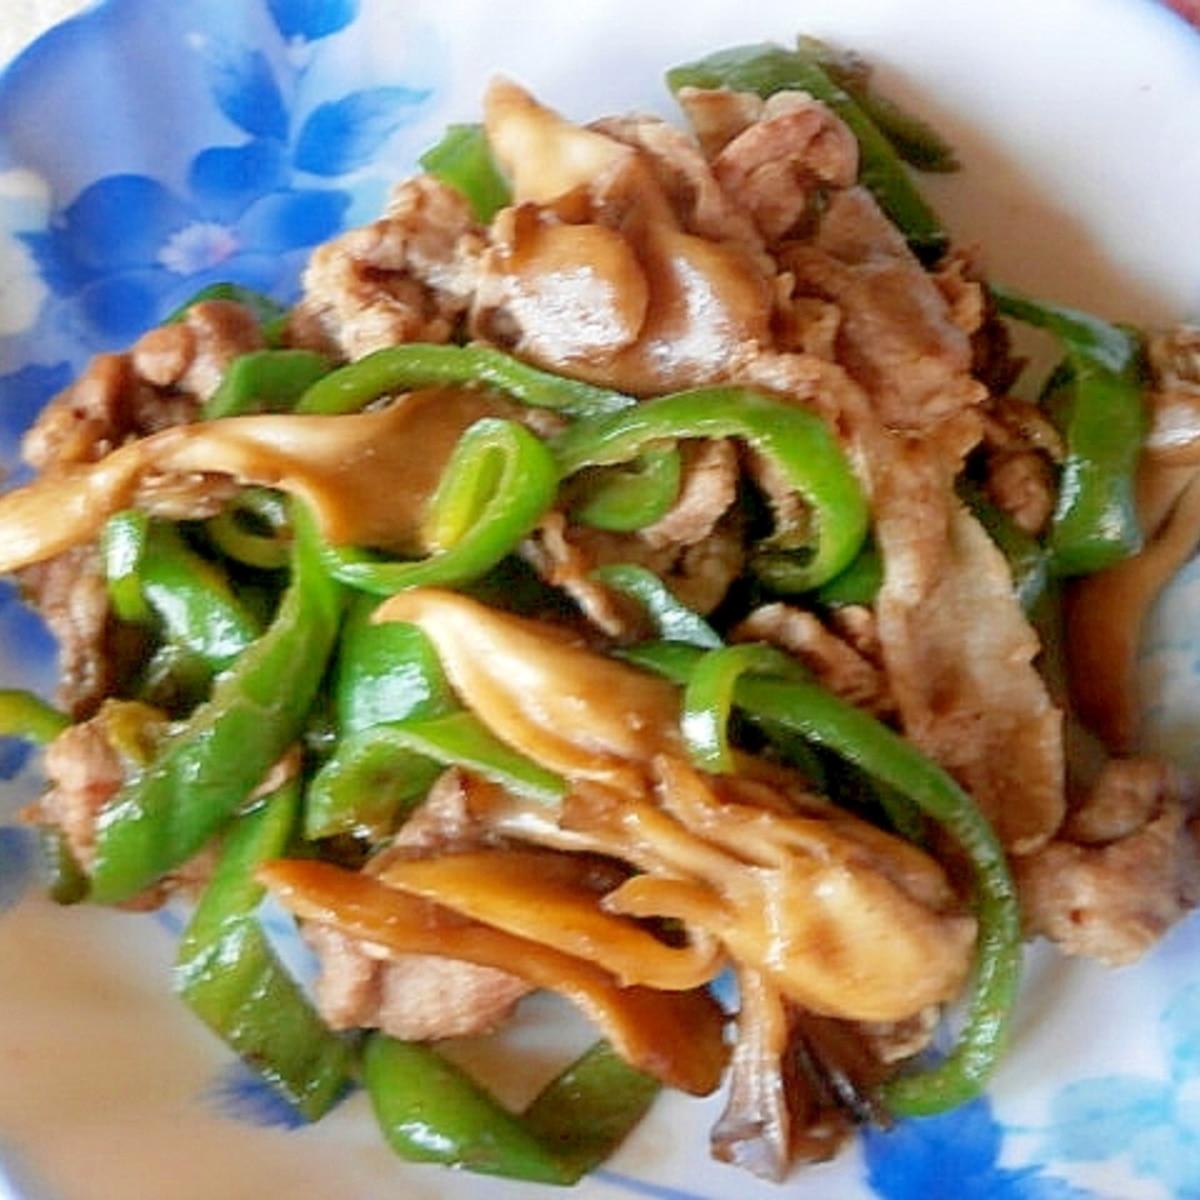 茸 炒め 舞 豚肉 豚肉とナスのバジル炒め 沢樹舞のおうちでごはん  たべるの みんなで作る楽しく幸せな「食」サイト